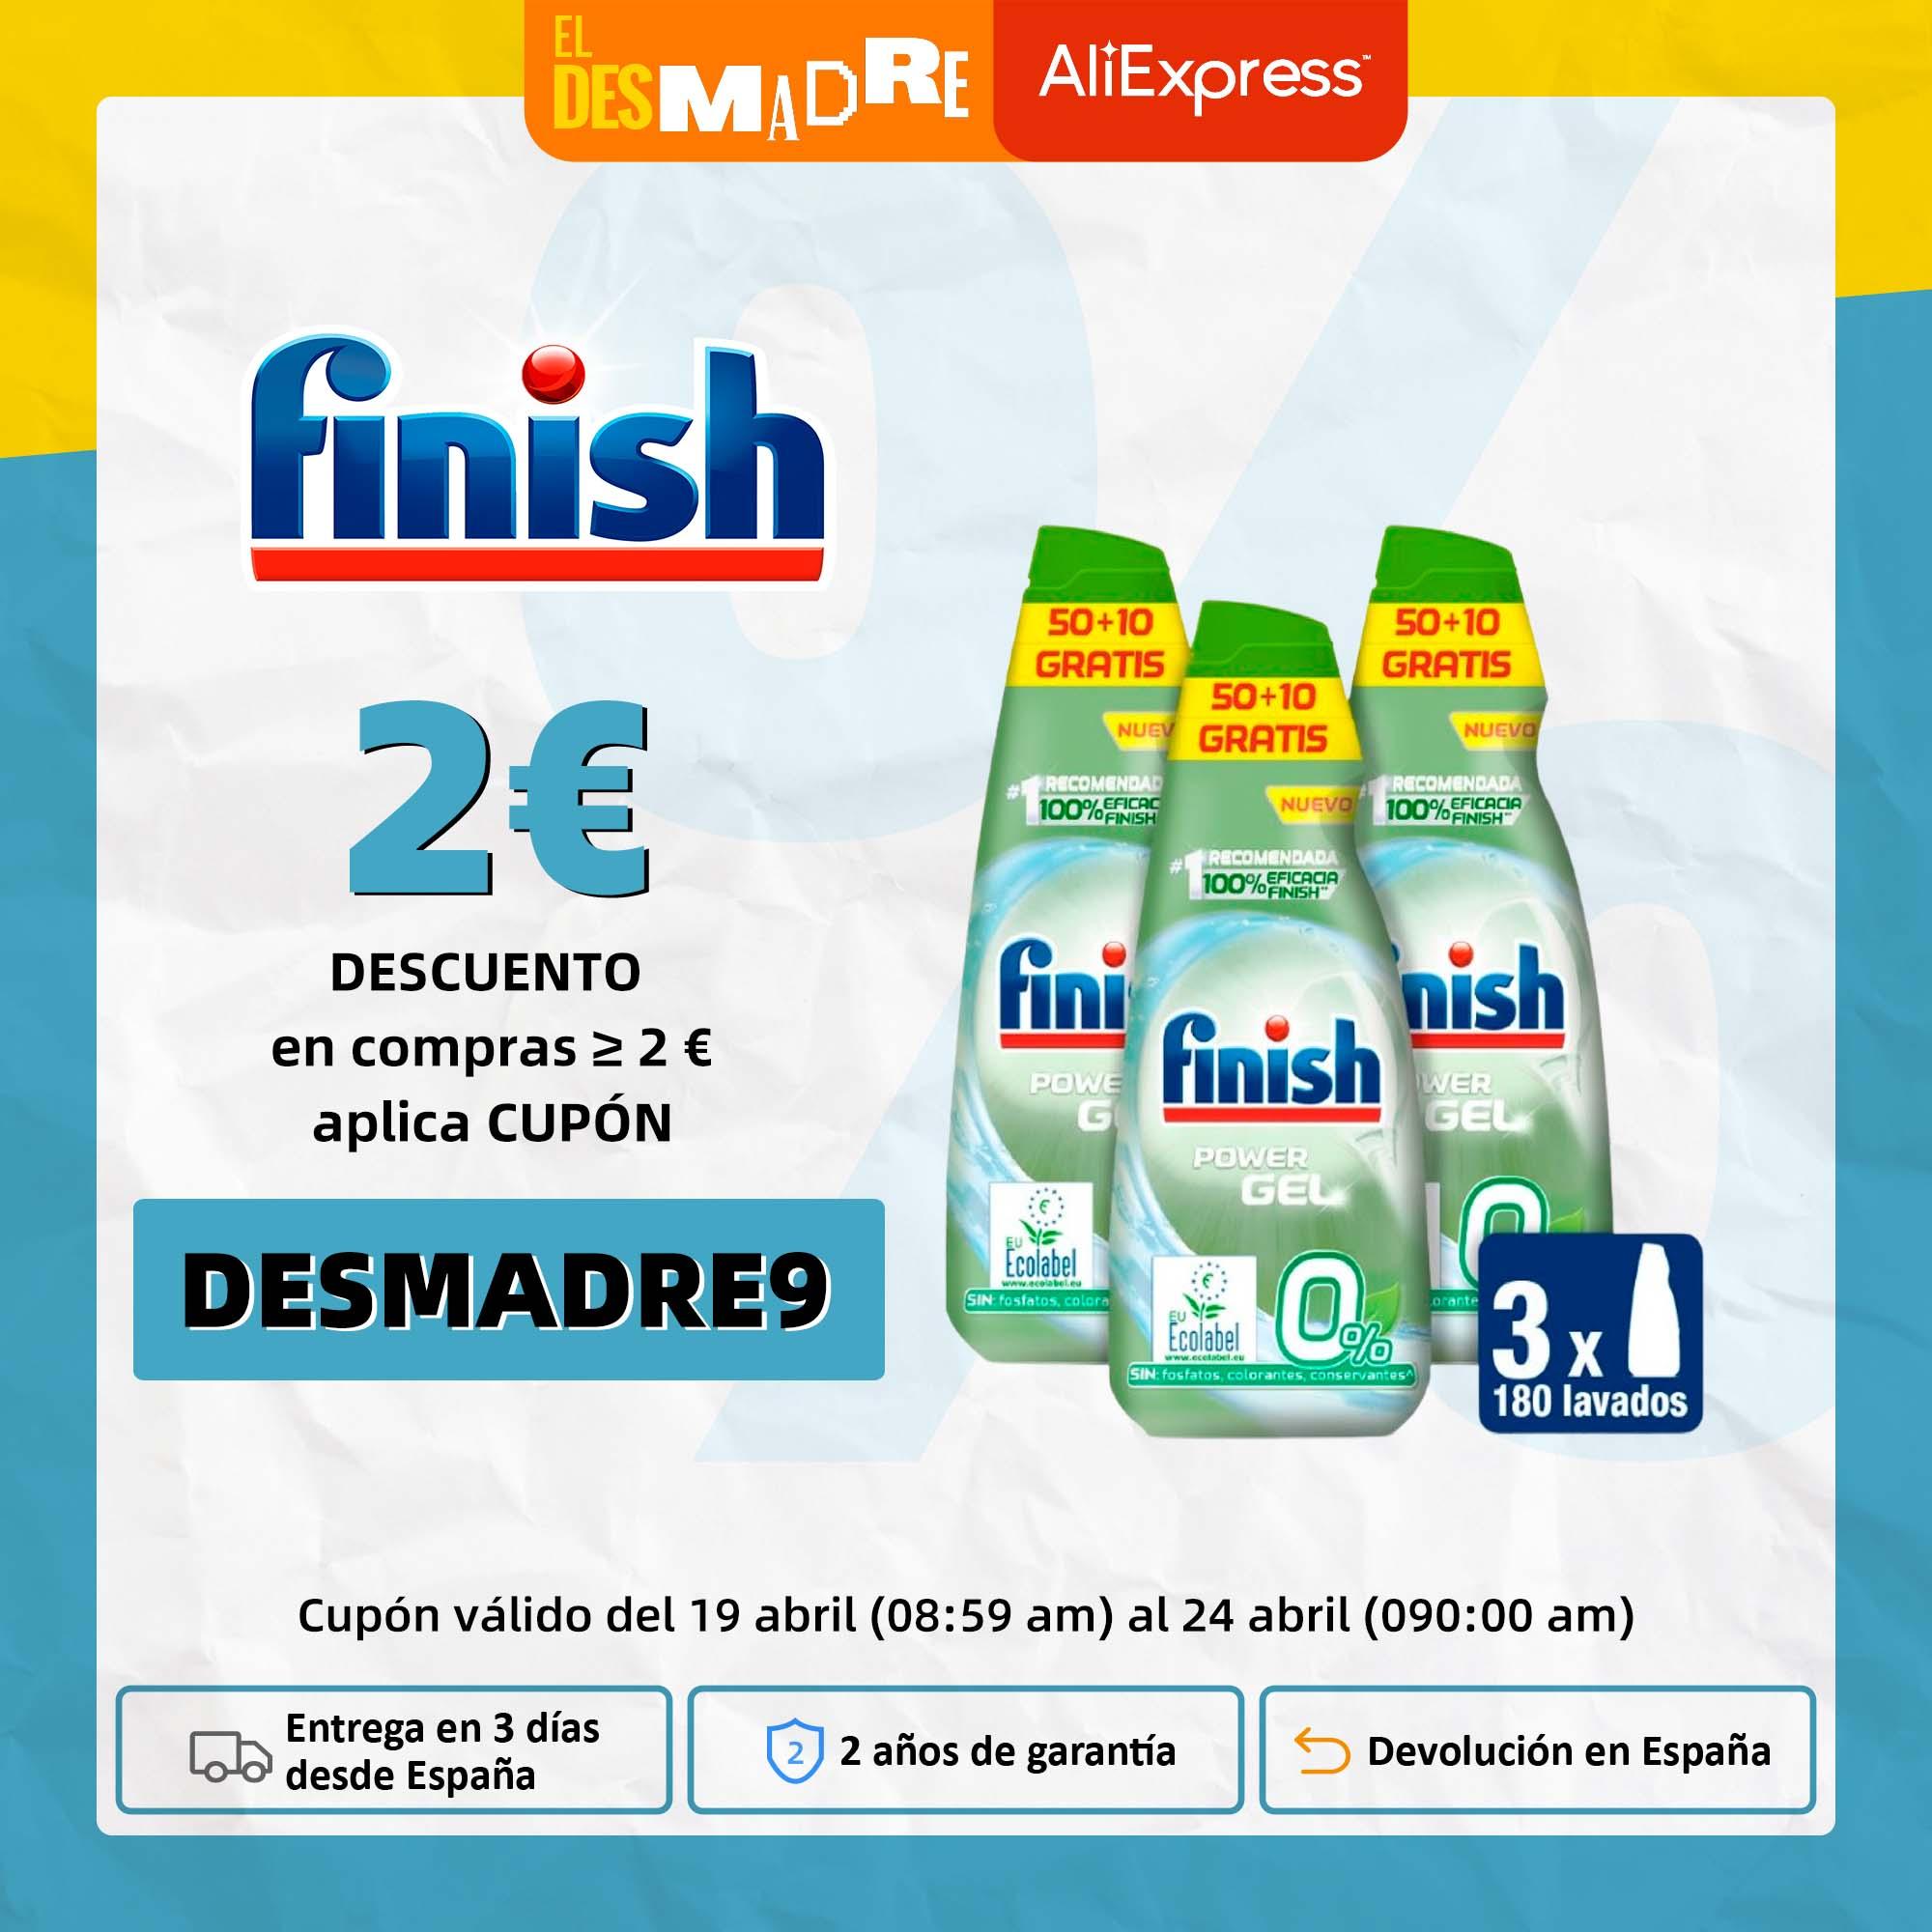 Моющее средство для мытья 0%, гель для мытья в посудомоечной машине-3 шт. в упаковке 50 + 10-180, стирать